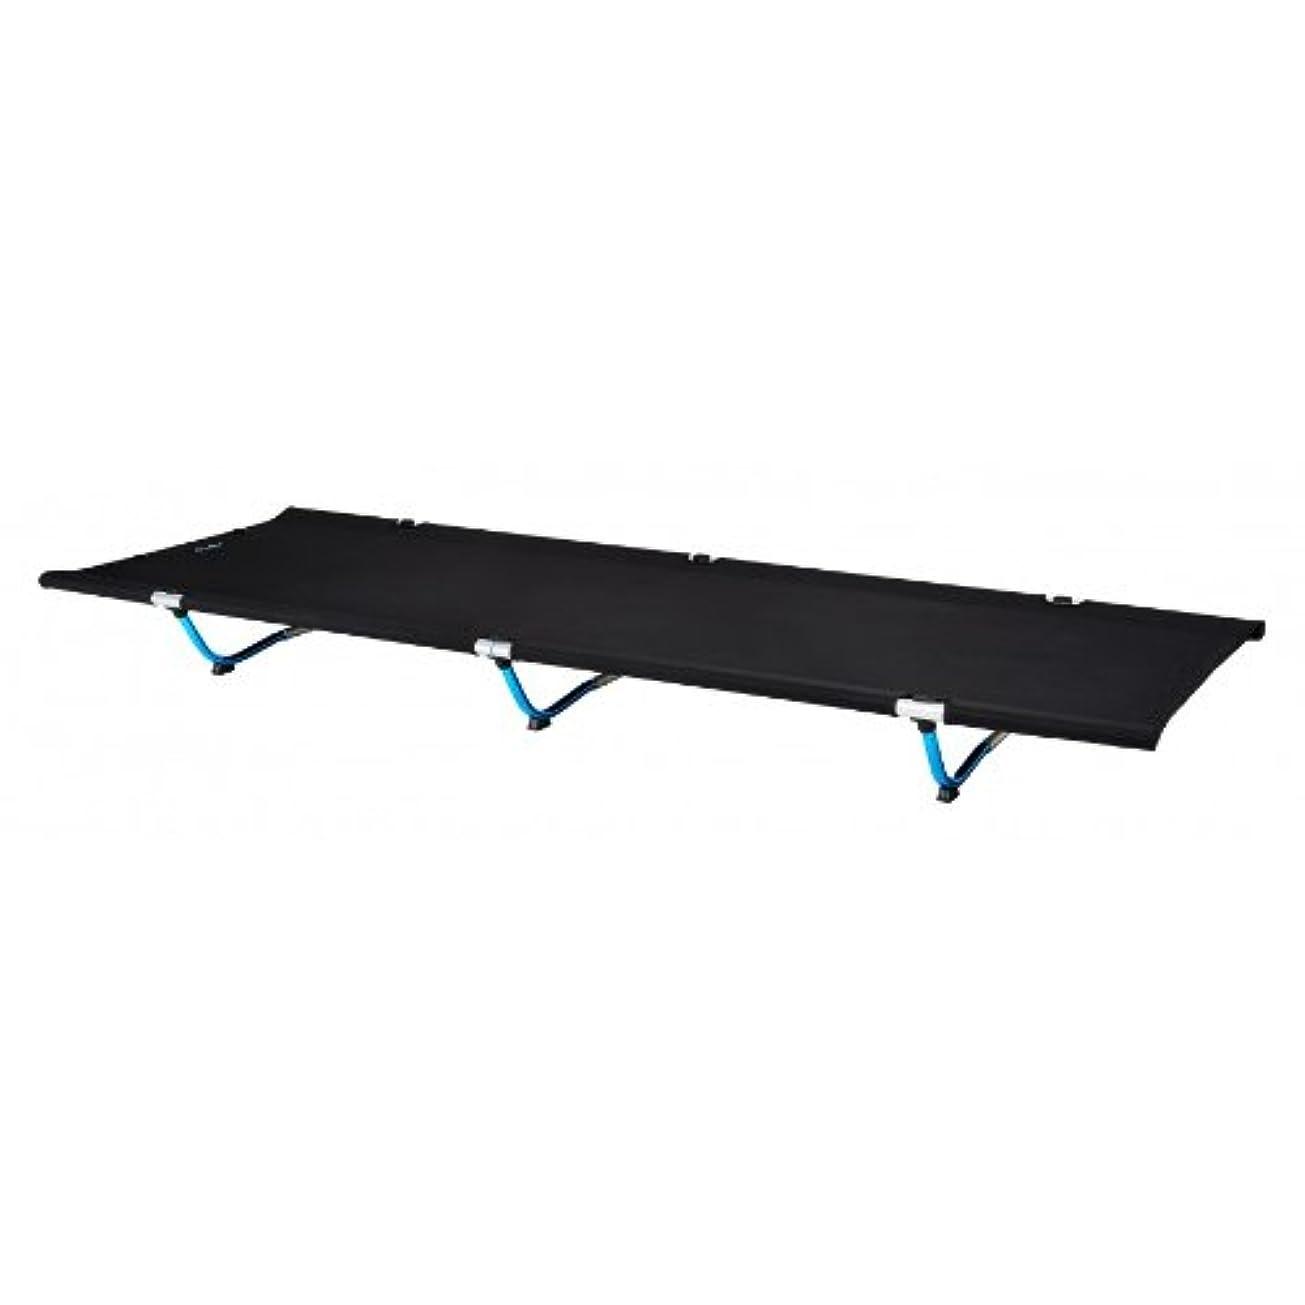 バルブ資本論理的にHelinox(ヘリノックス) 折りたたみ式ベッド コットワン ベッド ベンチ ブラック×ブルー (並行輸入品)